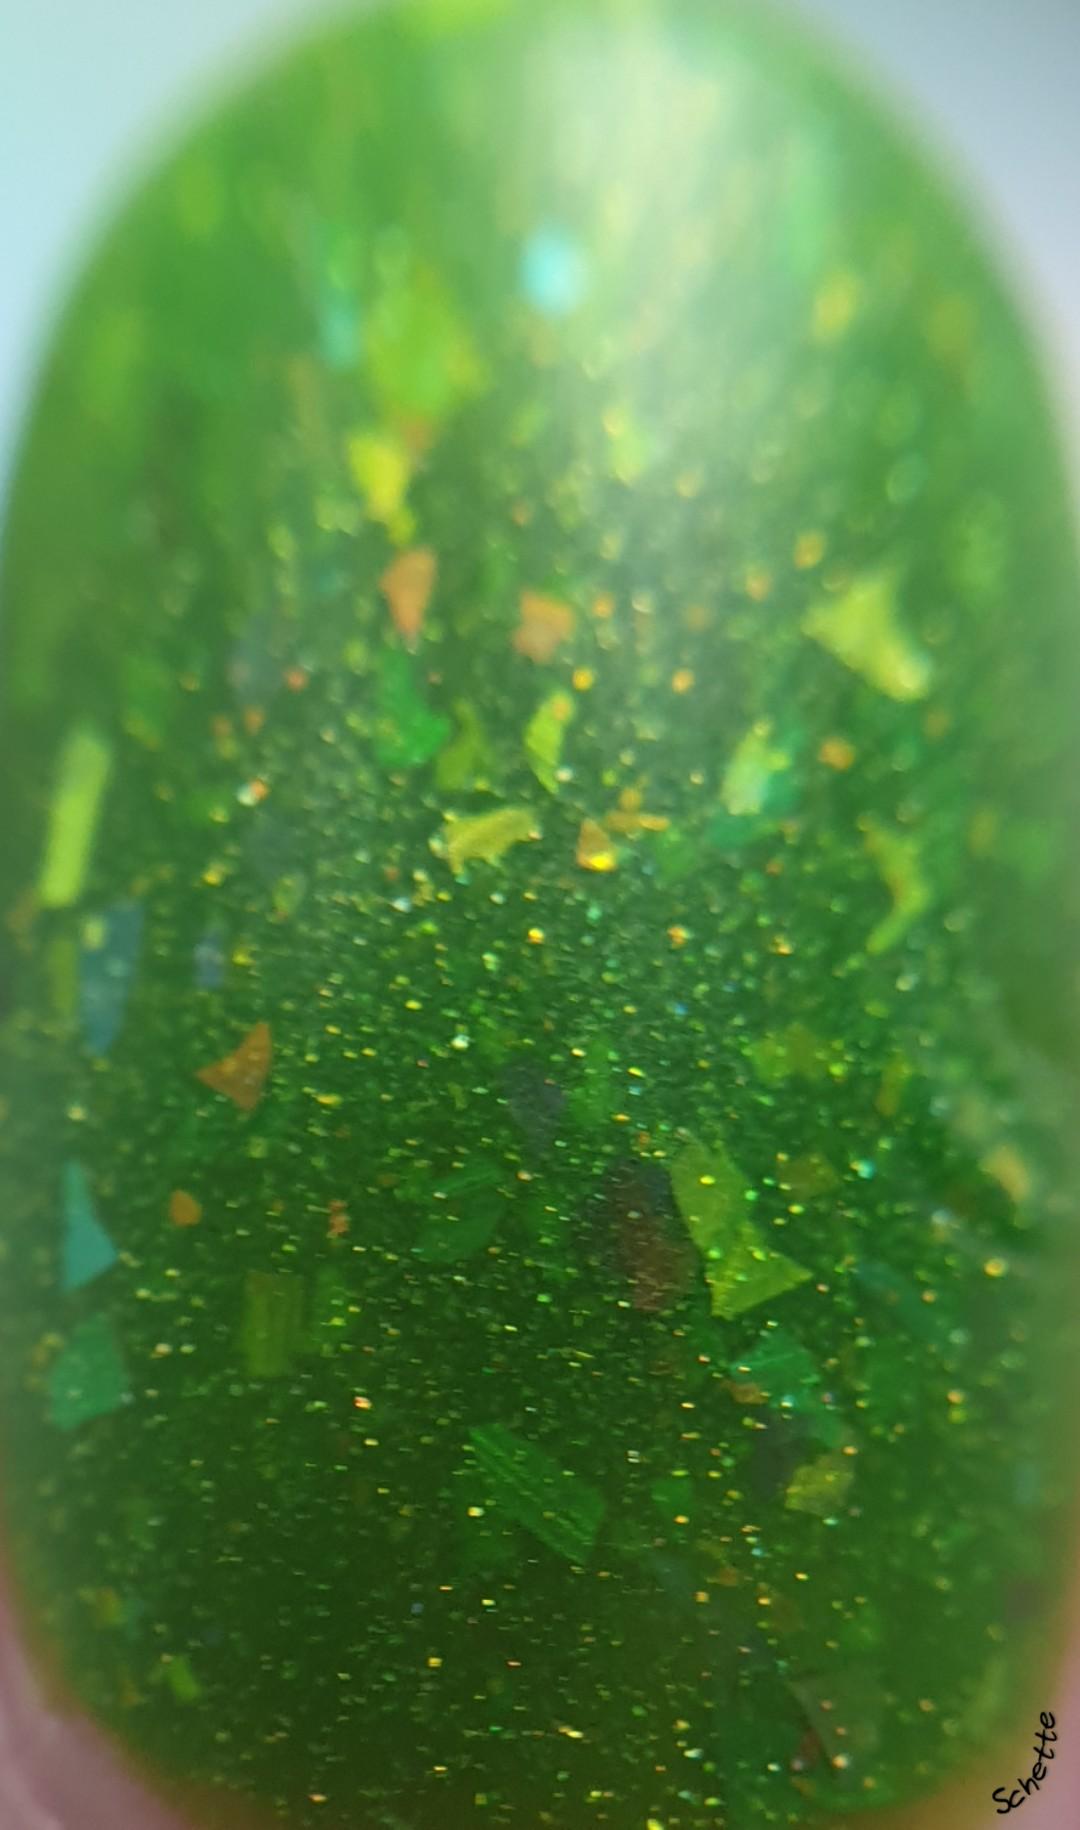 Glisten & Glow - Under the kapok trees